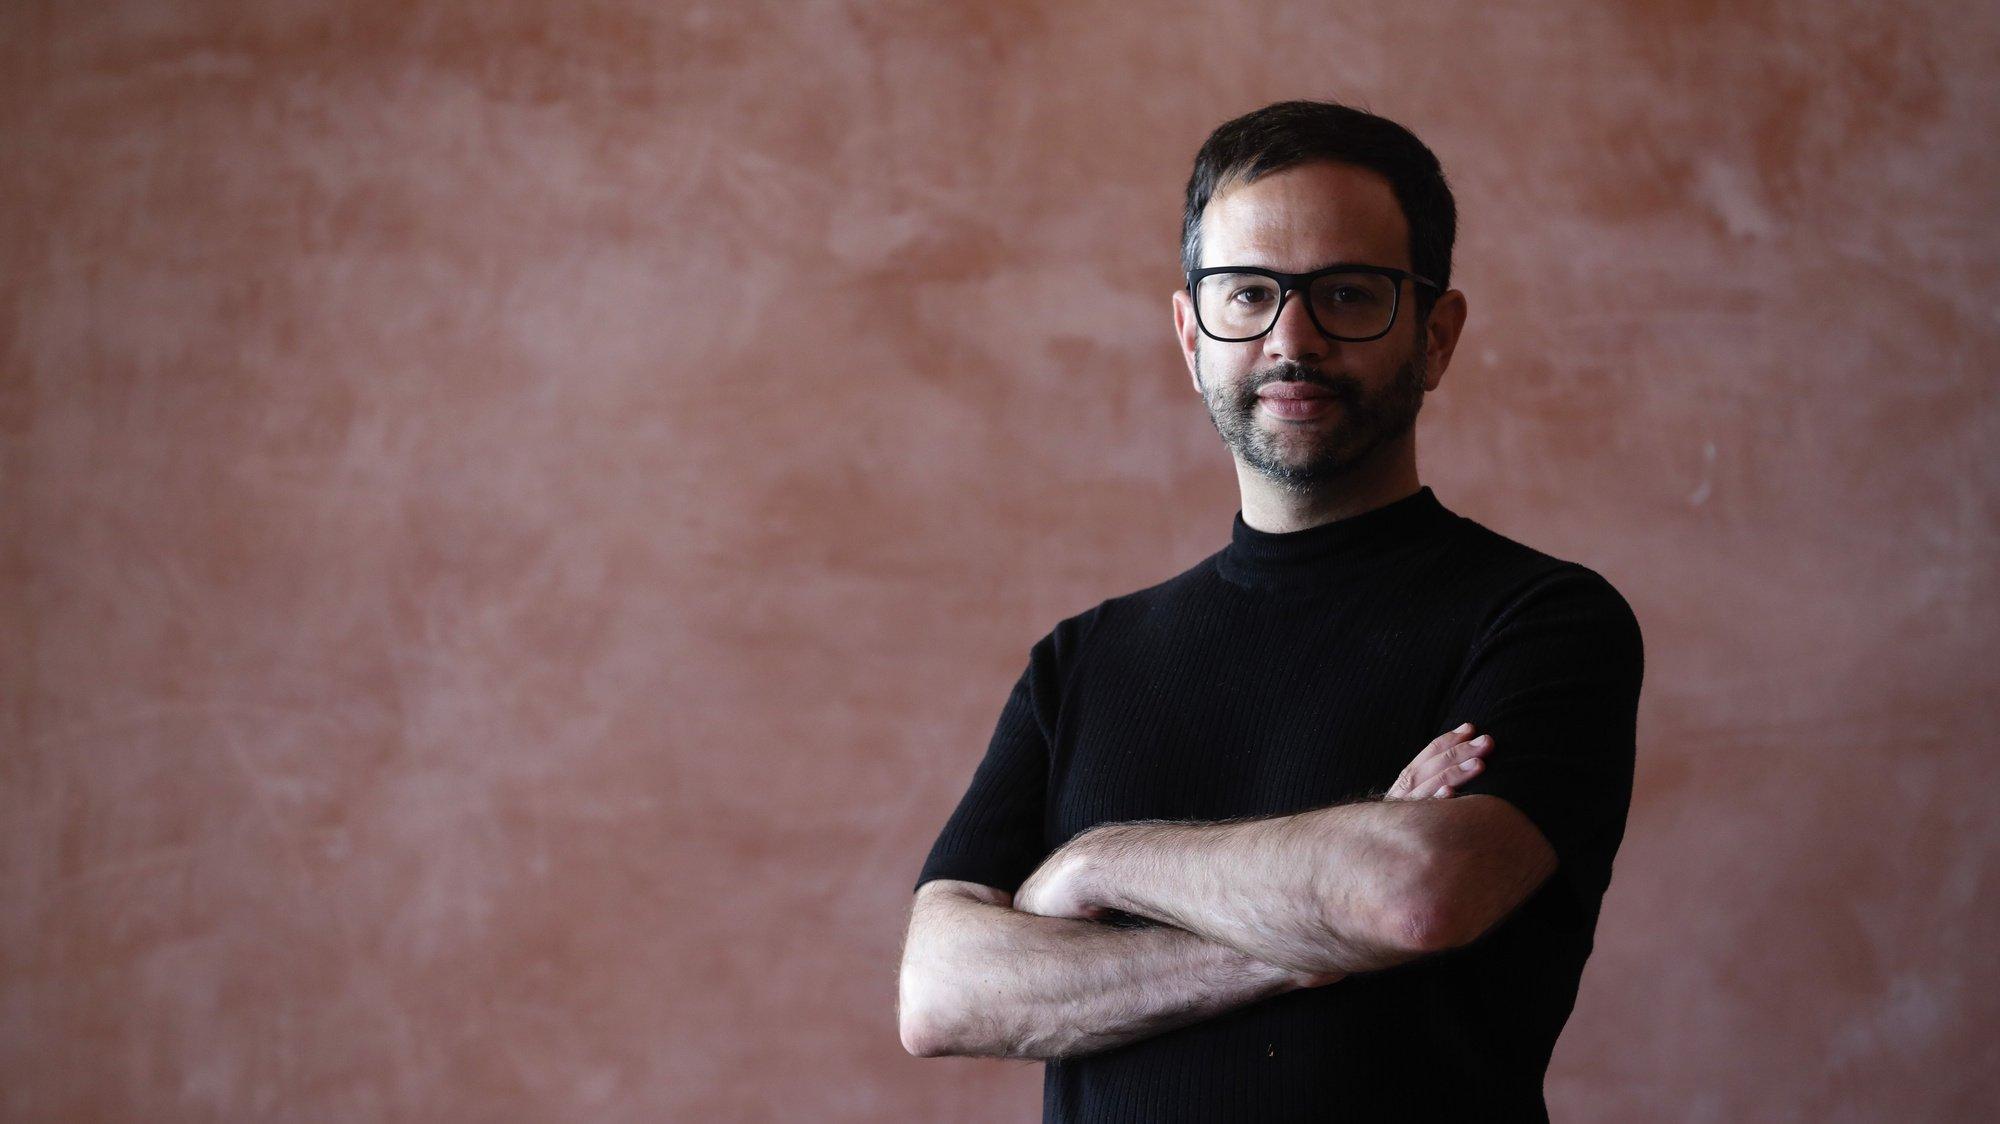 O realizador Diogo Costa Amarante, durante uma entrevista à agência Lusa no 27.º Curtas Vila do Conde - Festival Internacional de Cinema, no Teatro Municipal de Vila do Conde, 10 de julho de 2019. (ACOMPANHA TEXTO DE 11 DE JULHO DE 2019). JOSÉ COELHO/LUSA